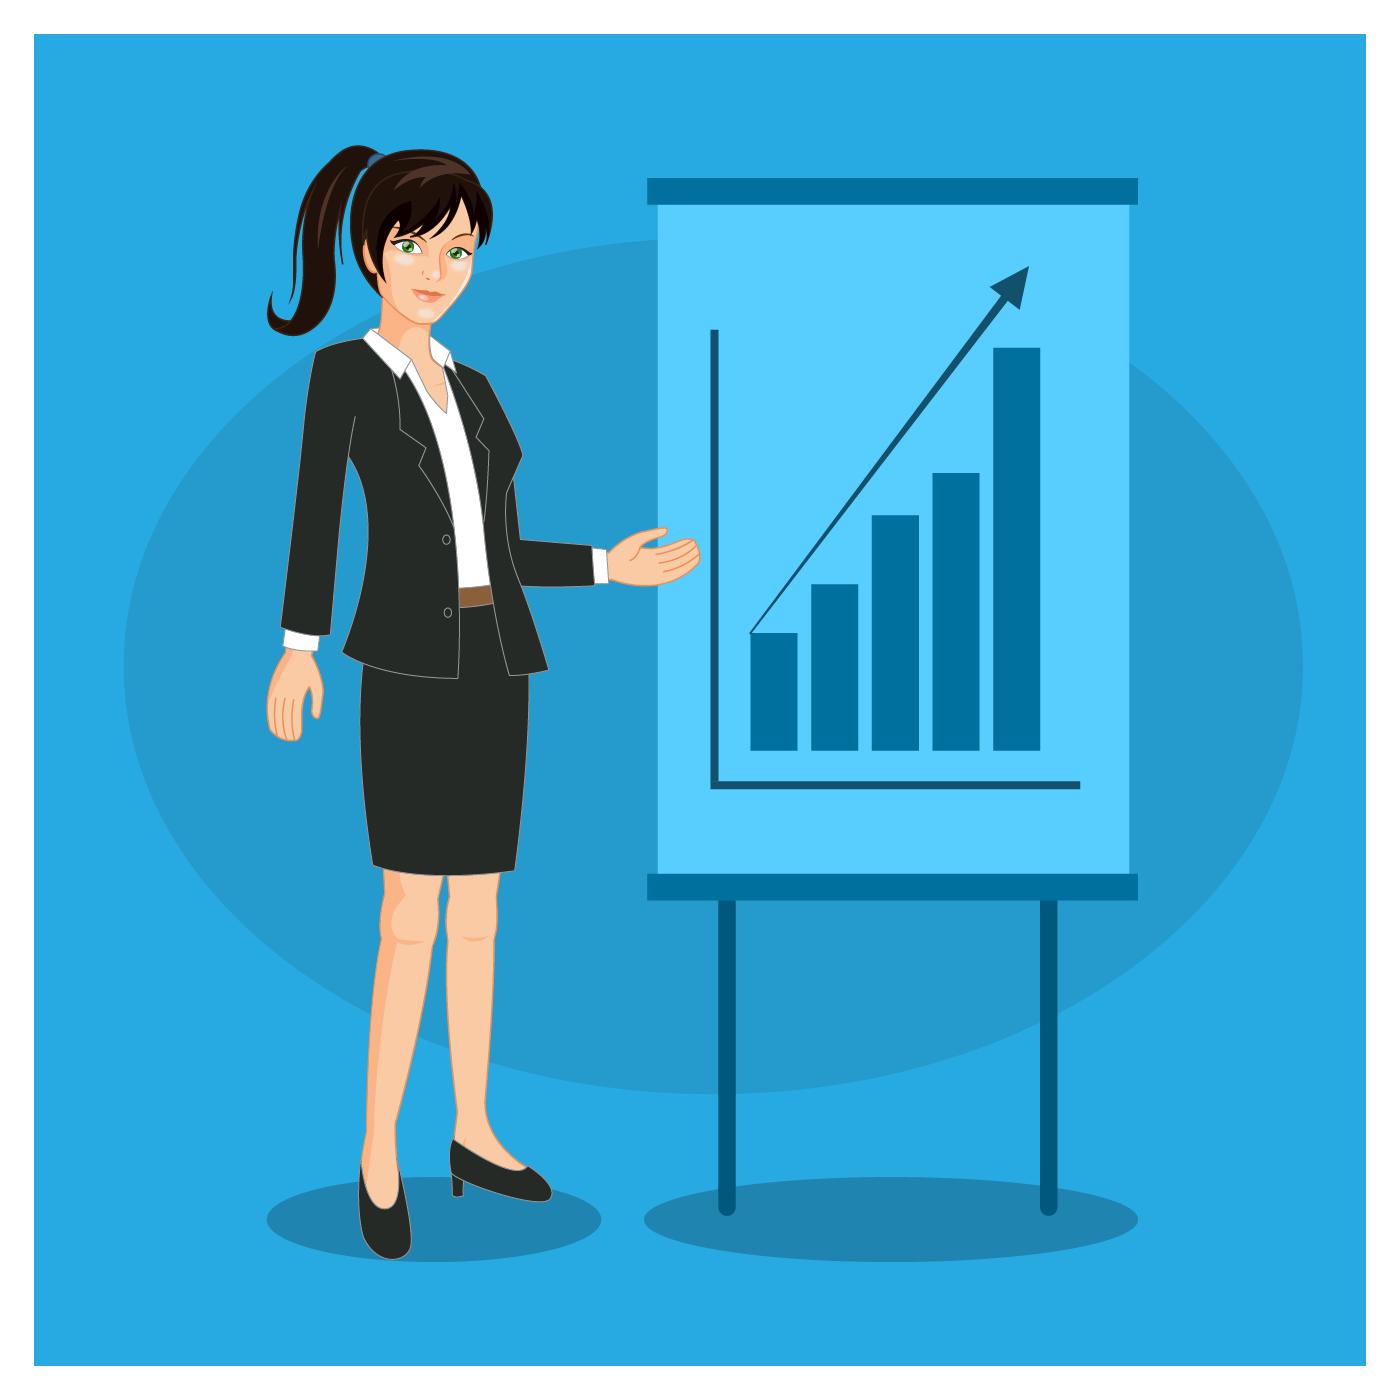 Business Woman Cartoon Free Vector Art 3 031 Free Downloads